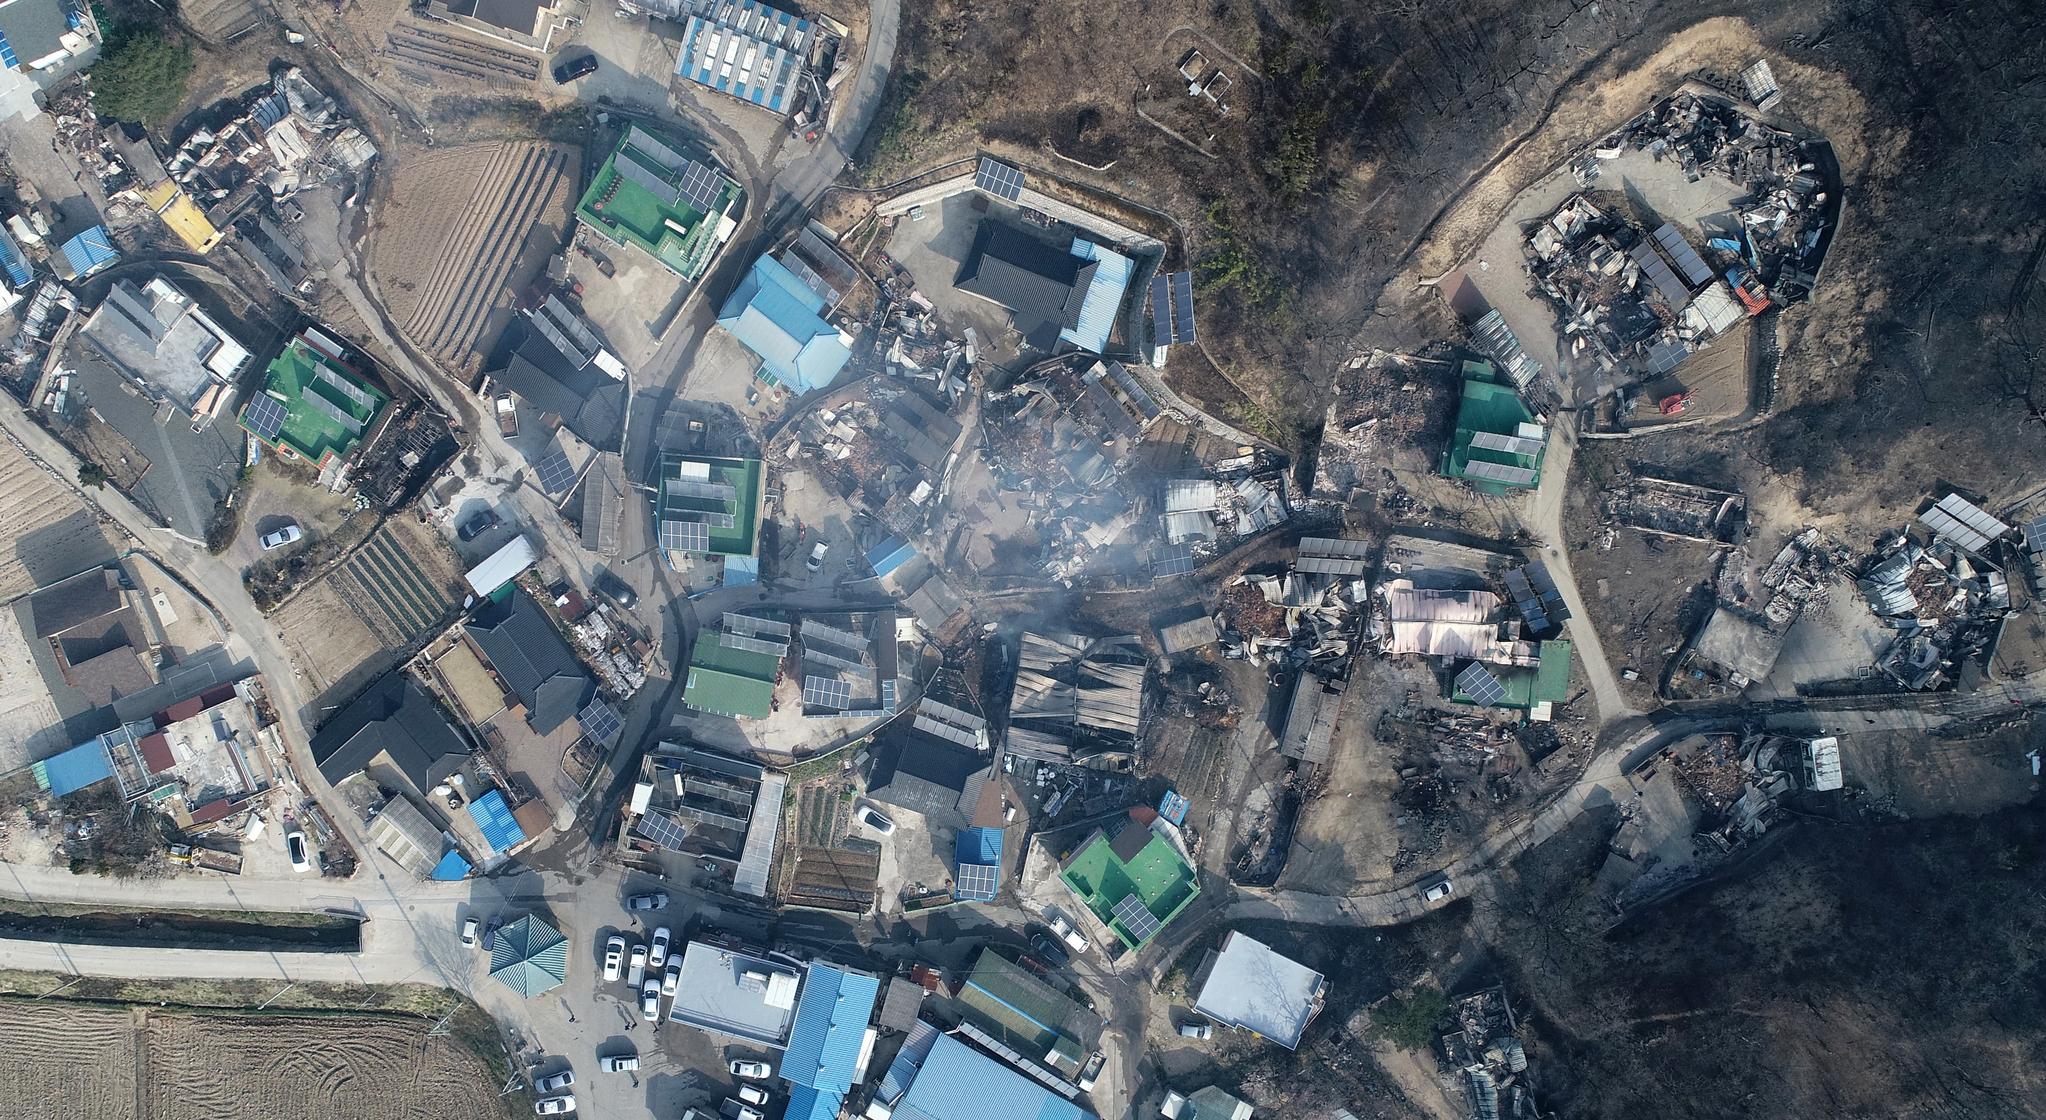 5일 오전 전날 강원도 고성군 토성면에서 시작된 산불이 번진 속초시 장천마을 곳곳 가옥들이 불에 타 무너져 있다. [연합뉴스]